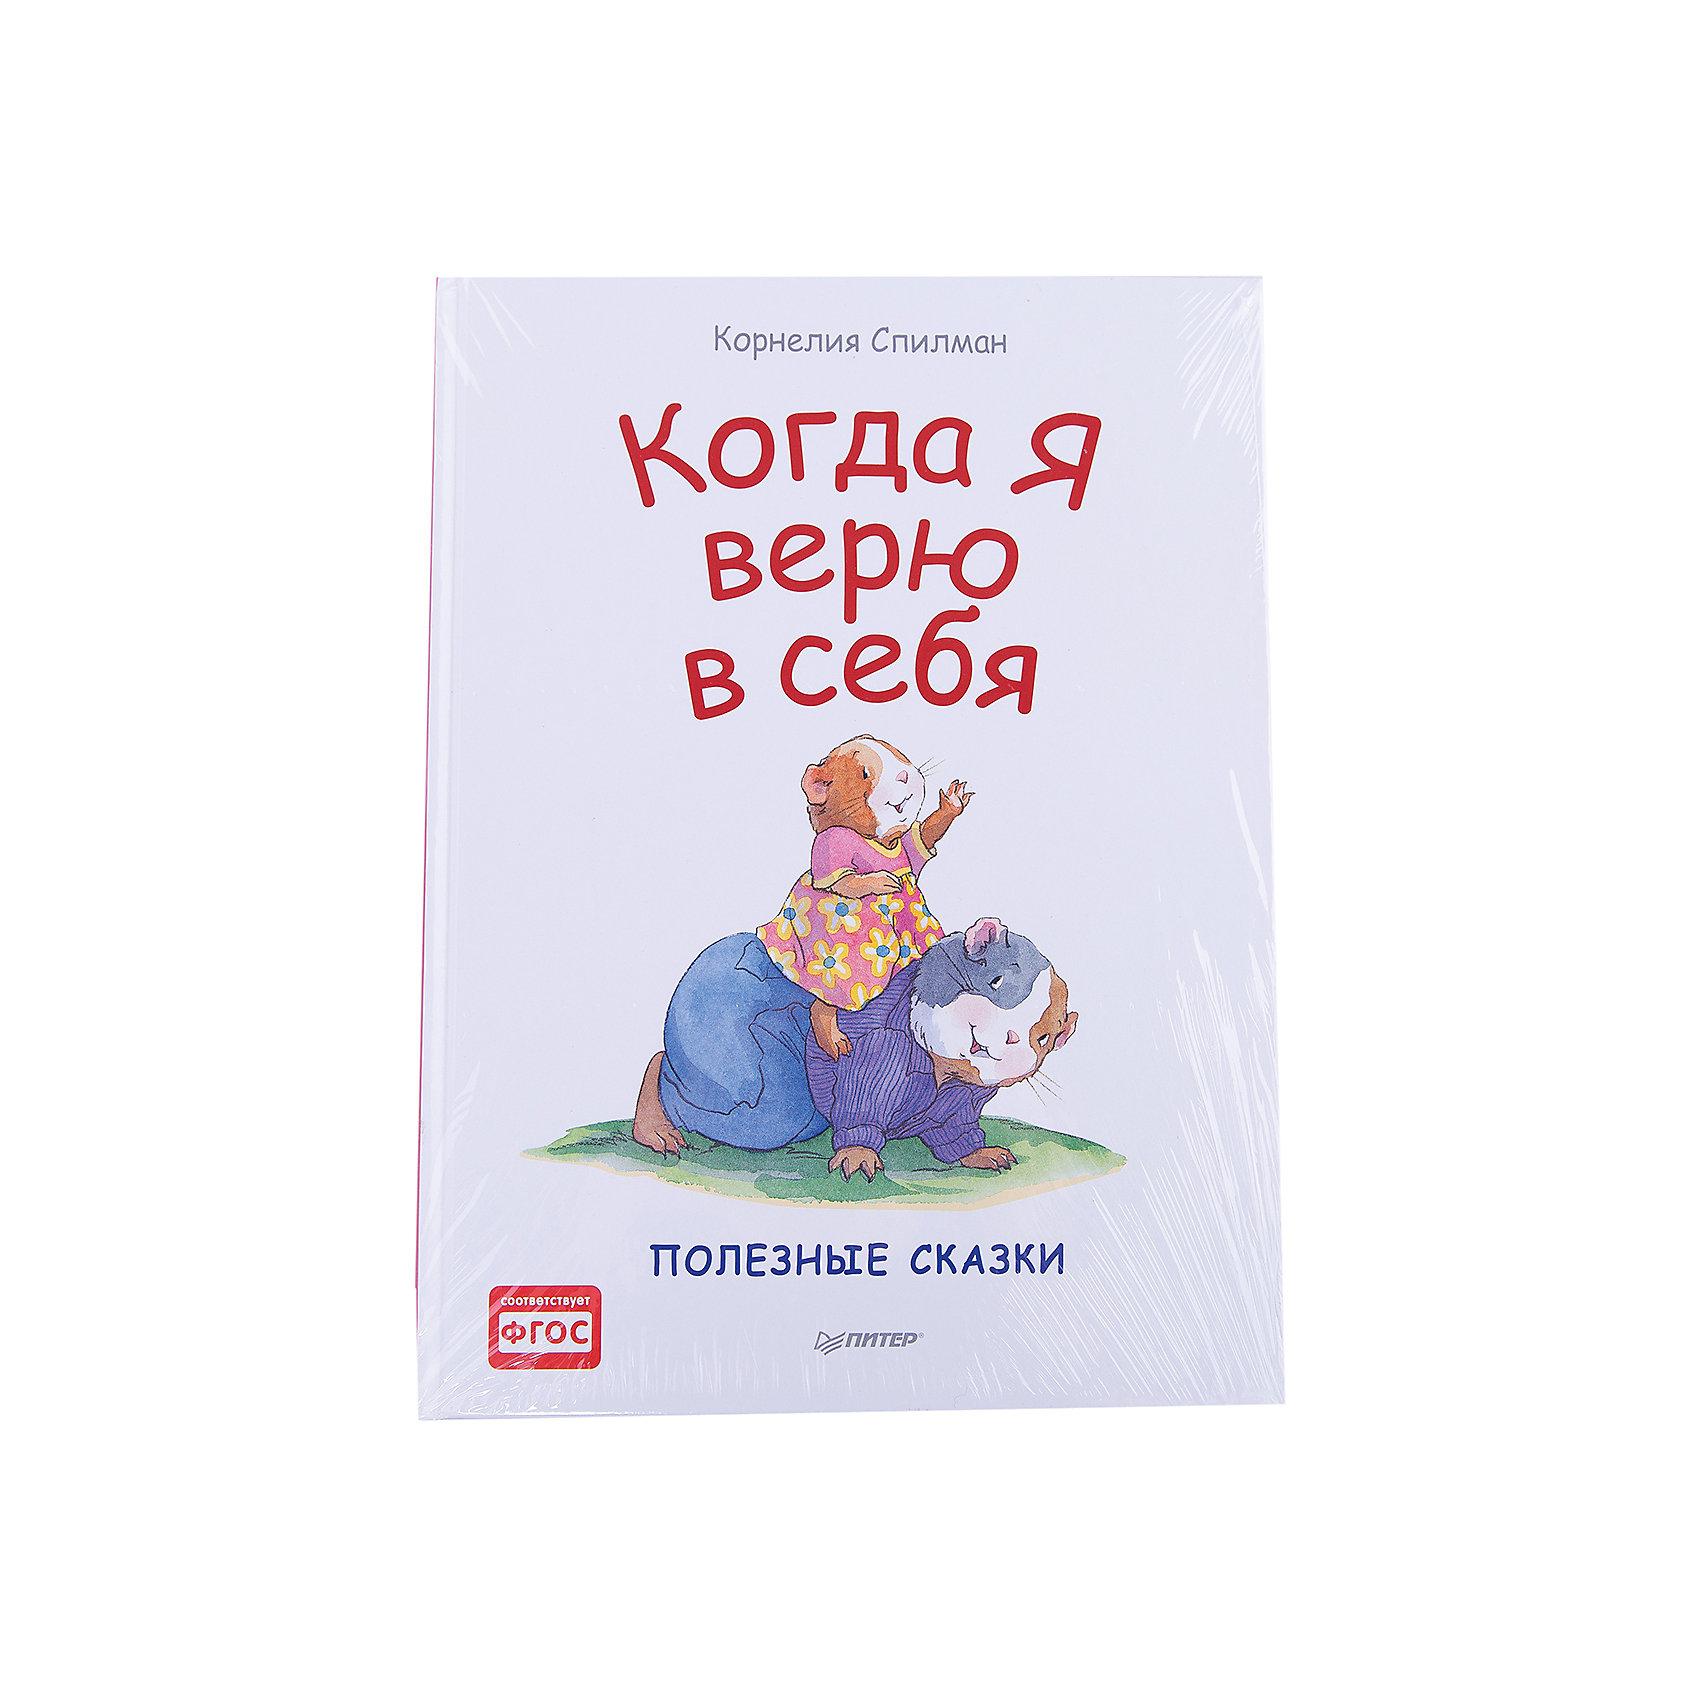 Сказки Когда я верю в себяДетская психология и здоровье<br>Эта книга предлагает детям позитивные и оптимистичные примеры того, как достигать хорошее настроение.<br><br>Ширина мм: 298<br>Глубина мм: 221<br>Высота мм: 40<br>Вес г: 350<br>Возраст от месяцев: 12<br>Возраст до месяцев: 2147483647<br>Пол: Унисекс<br>Возраст: Детский<br>SKU: 5576701